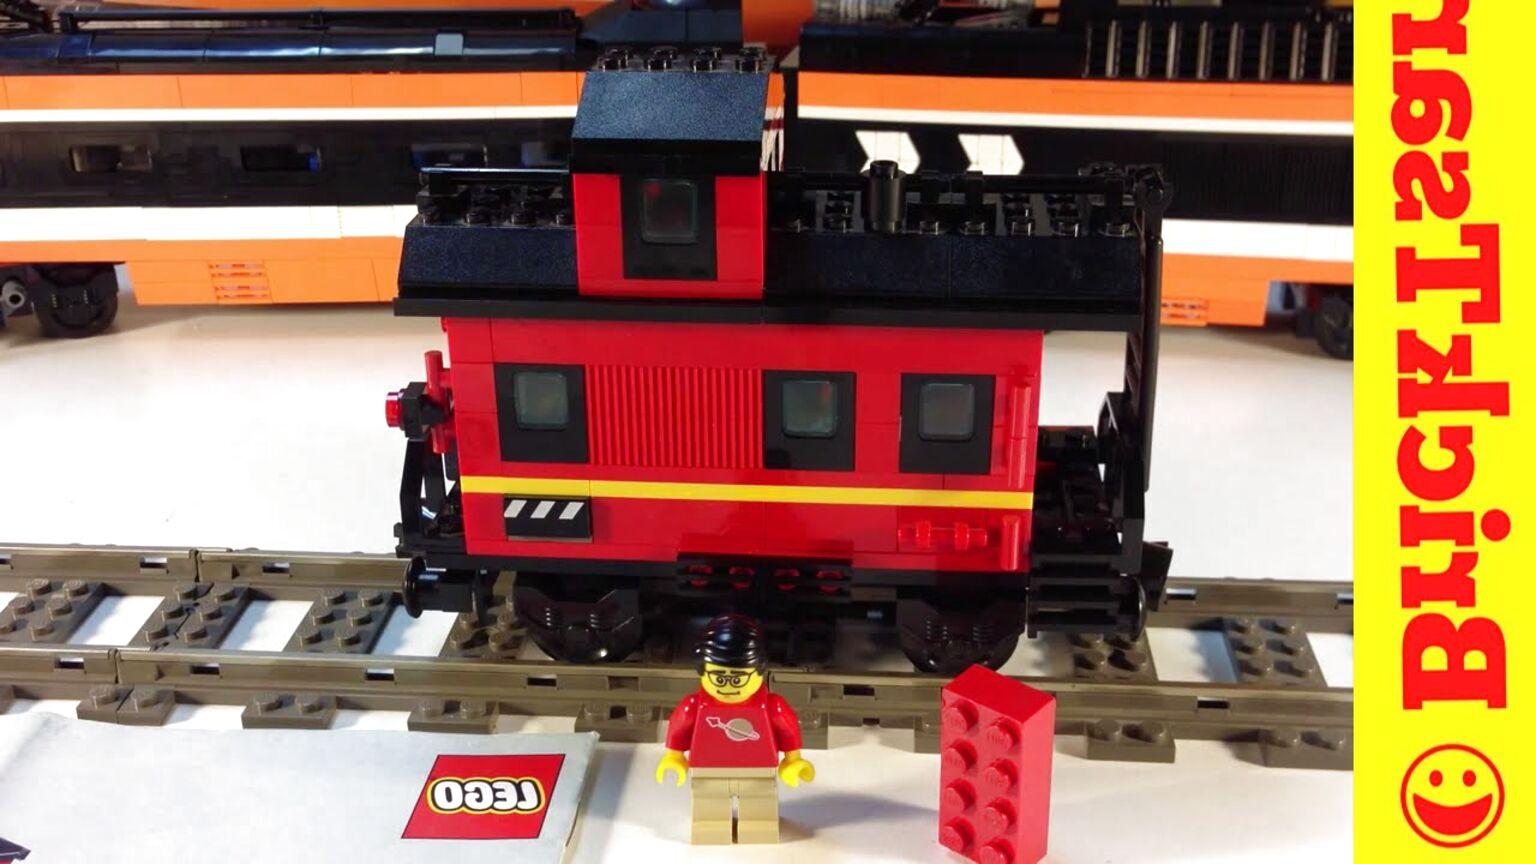 LEGO TECHNIC ferroviaire 9 V câble électrique 130 cm long 5306 Noir D/'occasion